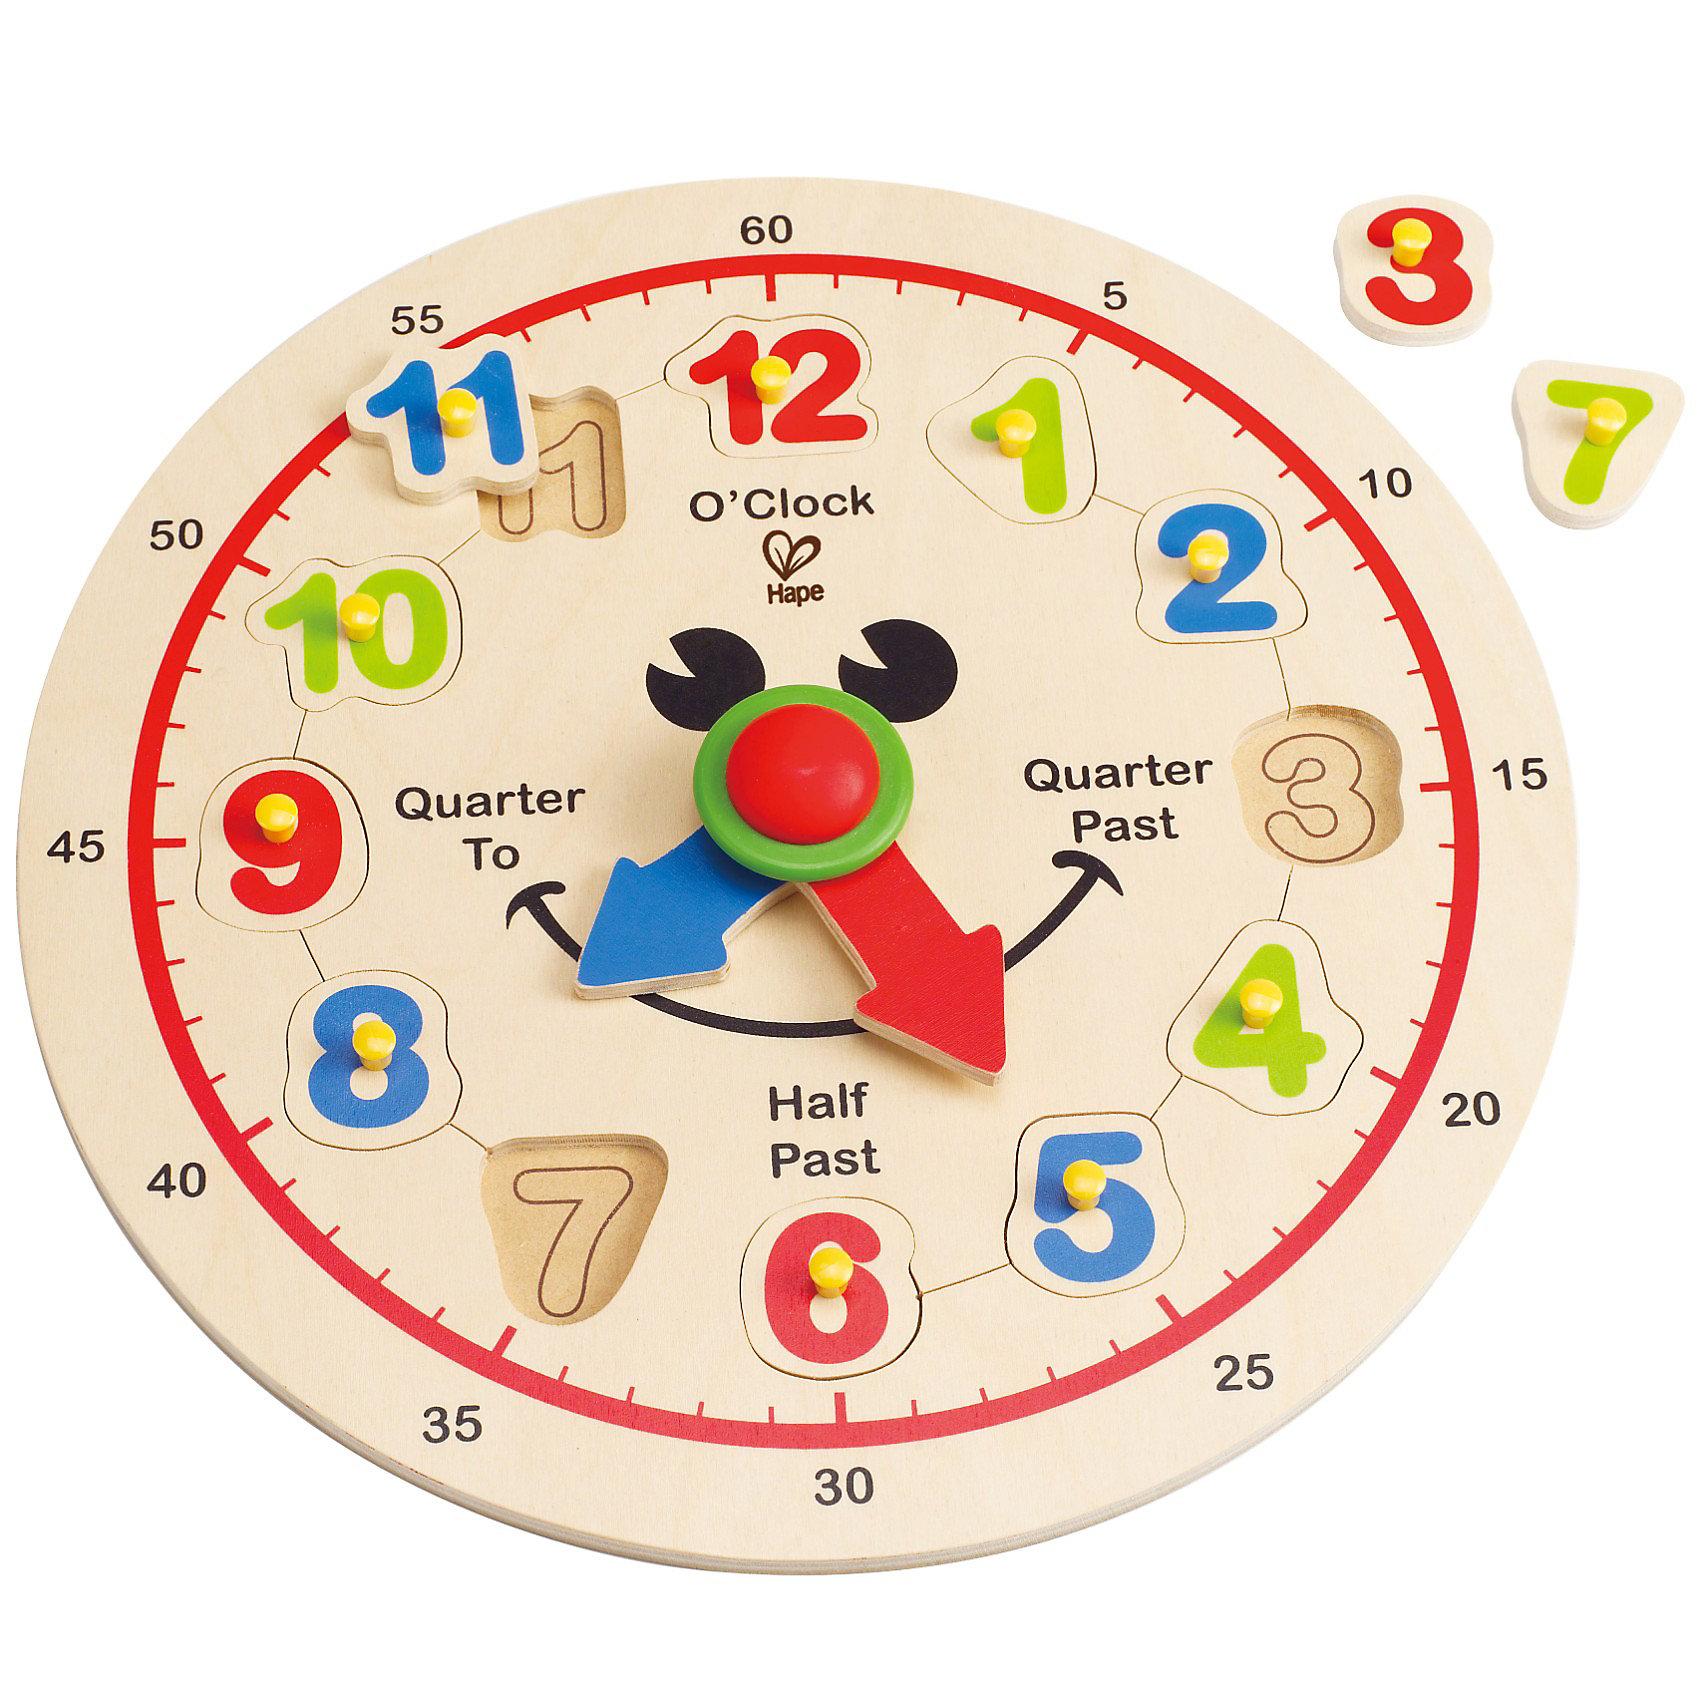 Игрушка деревянная Счастливые часы, HapeИгрушка деревянная Счастливые часы от Hape - обязательно понравится малышу! С помощью этих добродушно улыбающихся часиков ребенок сможет выучить цифры и научиться распознавать время.<br> На циферблате изображены часы и секунды, стрелки легко двигаются. Родители могут играть вместе с ребенком, одновременно обучая его: необходимо перевернуть игрушку, высыпать и перемешать цифры, теперь малышу предстоит самостоятельно разместить их на циферблате в правильном порядке. <br> Все фигурки вырезаны вручную, а картинки нанесены непосредственно на деревянное основание, что говорит о высоком качестве изделия.<br><br>Дополнительно:<br>Размер упаковки: 29 х 29 см<br>Размер игрушки: 30 х 3,6 см <br><br>Игрушка деревянная Счастливые часы, Hape - можно купить в нашем интернет - магазине.<br><br>Ширина мм: 300<br>Глубина мм: 35<br>Высота мм: 300<br>Вес г: 5800<br>Возраст от месяцев: 36<br>Возраст до месяцев: 72<br>Пол: Унисекс<br>Возраст: Детский<br>SKU: 3357931